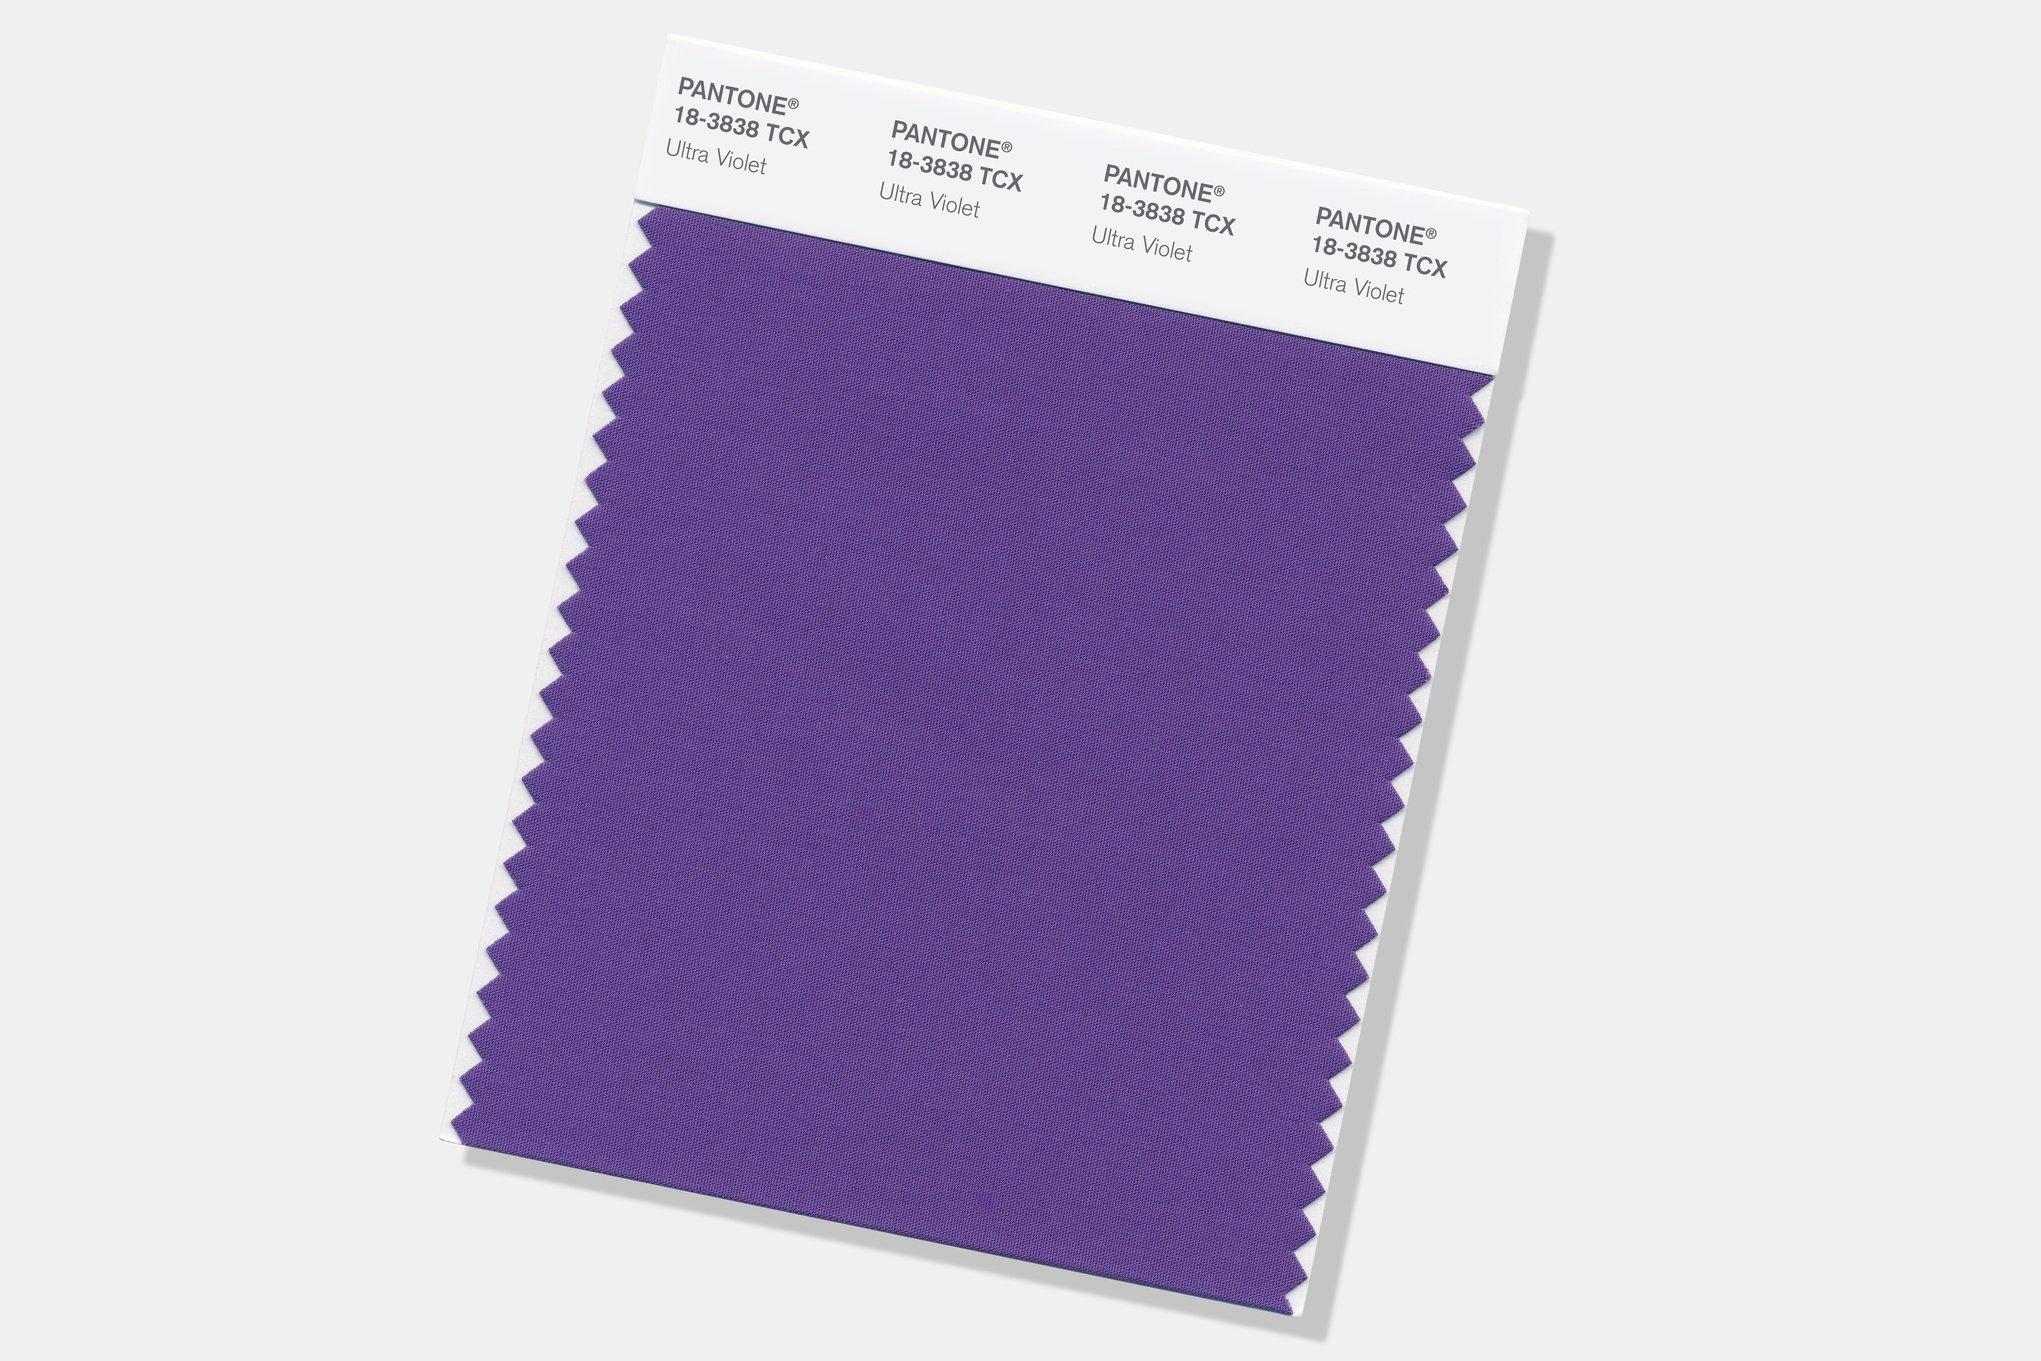 Pantone 2018 Ultraviolet.jpg